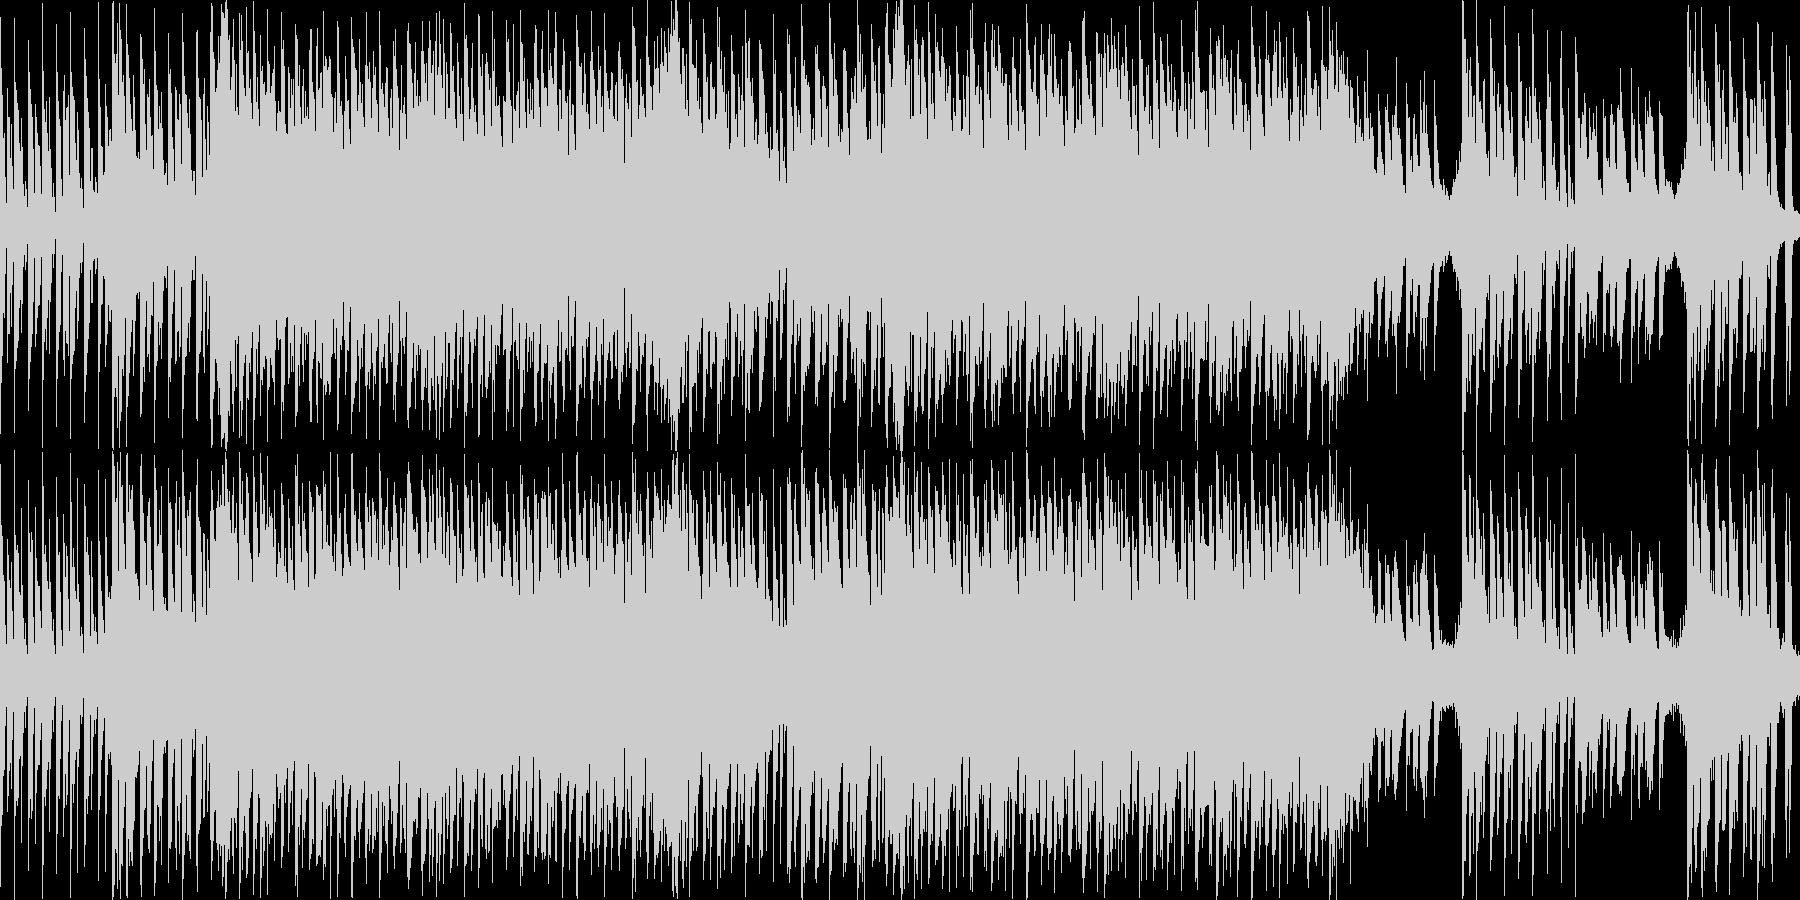 【ループ仕様】ダンス系EDMの未再生の波形